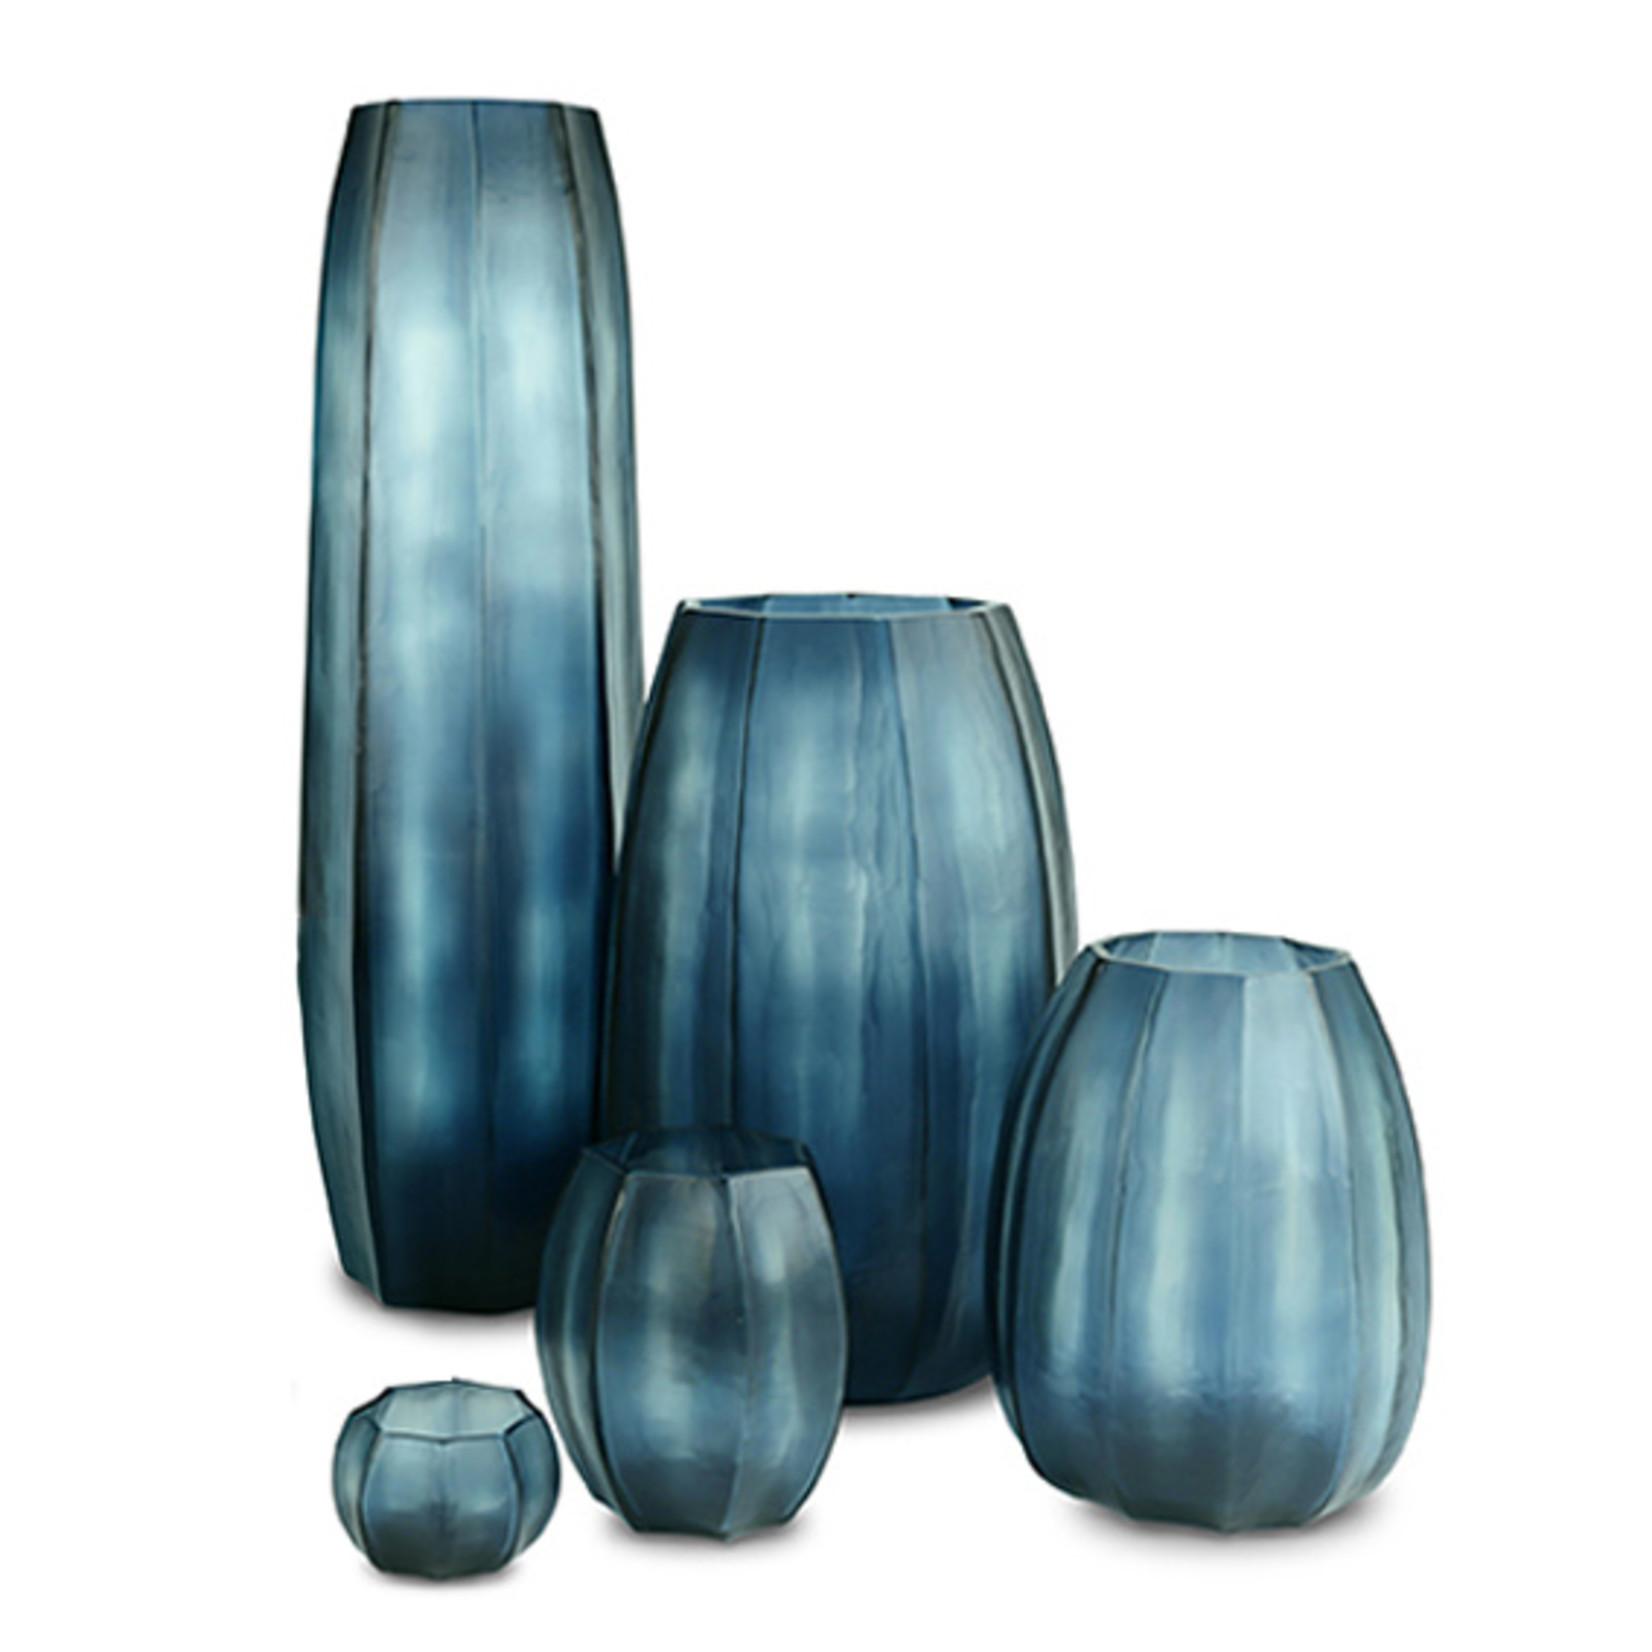 Guaxs Vase Koonam S   Bleu océan / Indigo